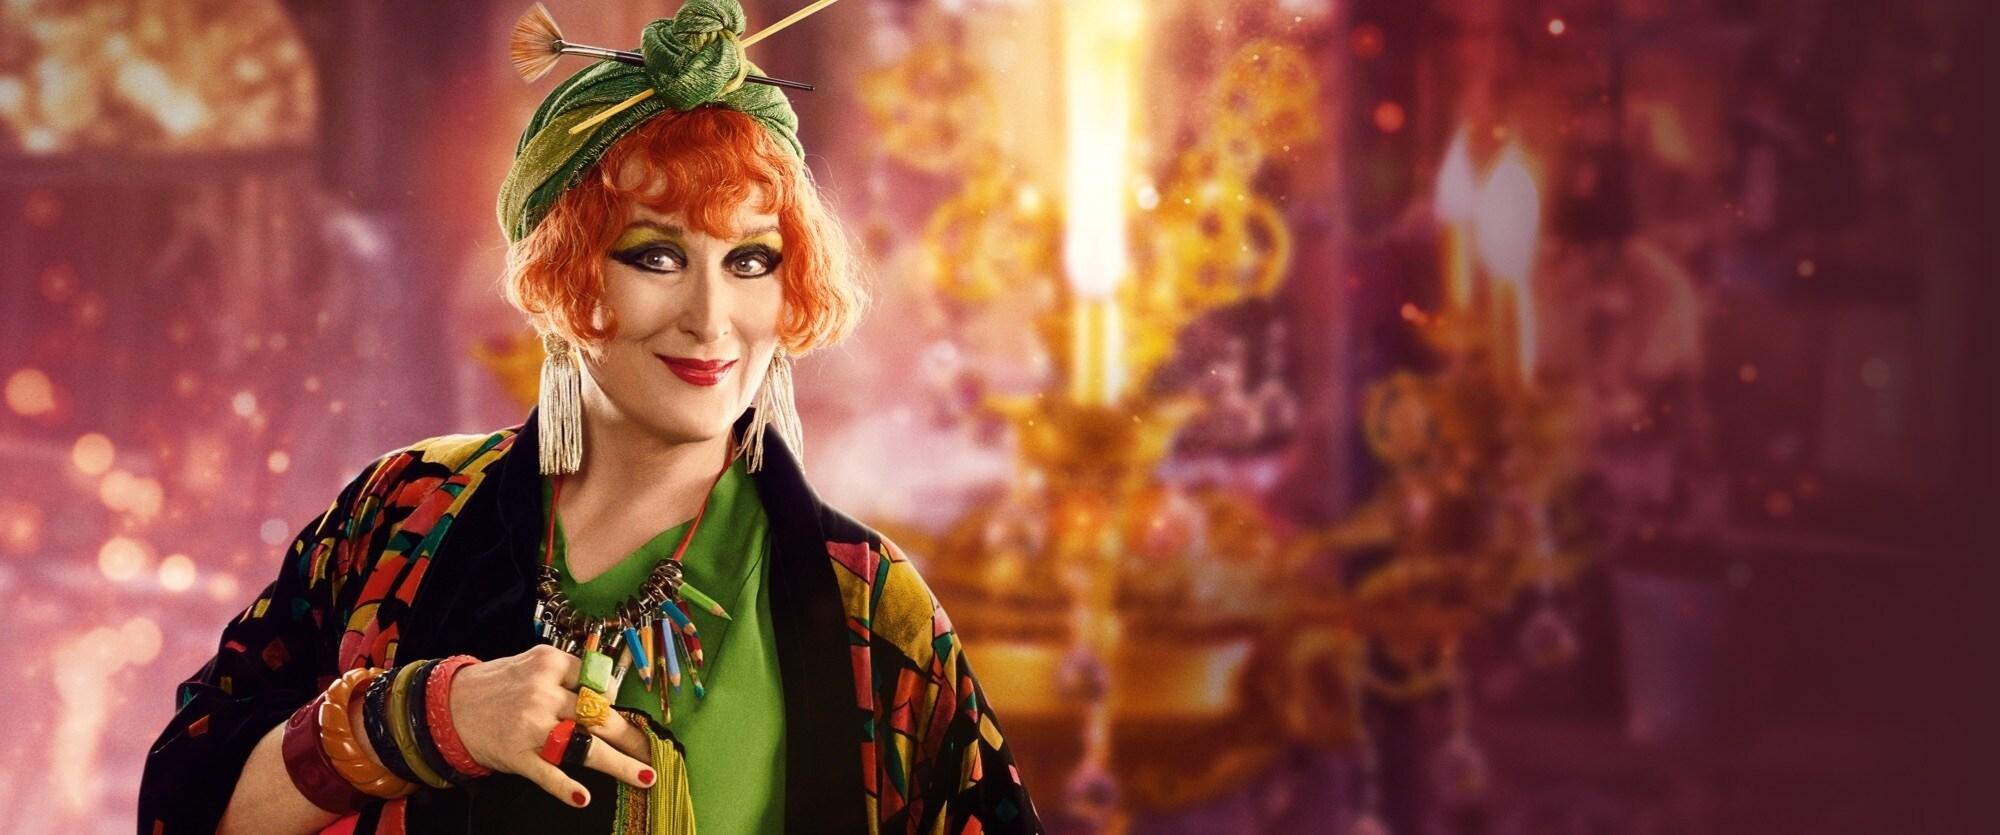 Le Retour de Mary Poppins | Actuellement au cinéma